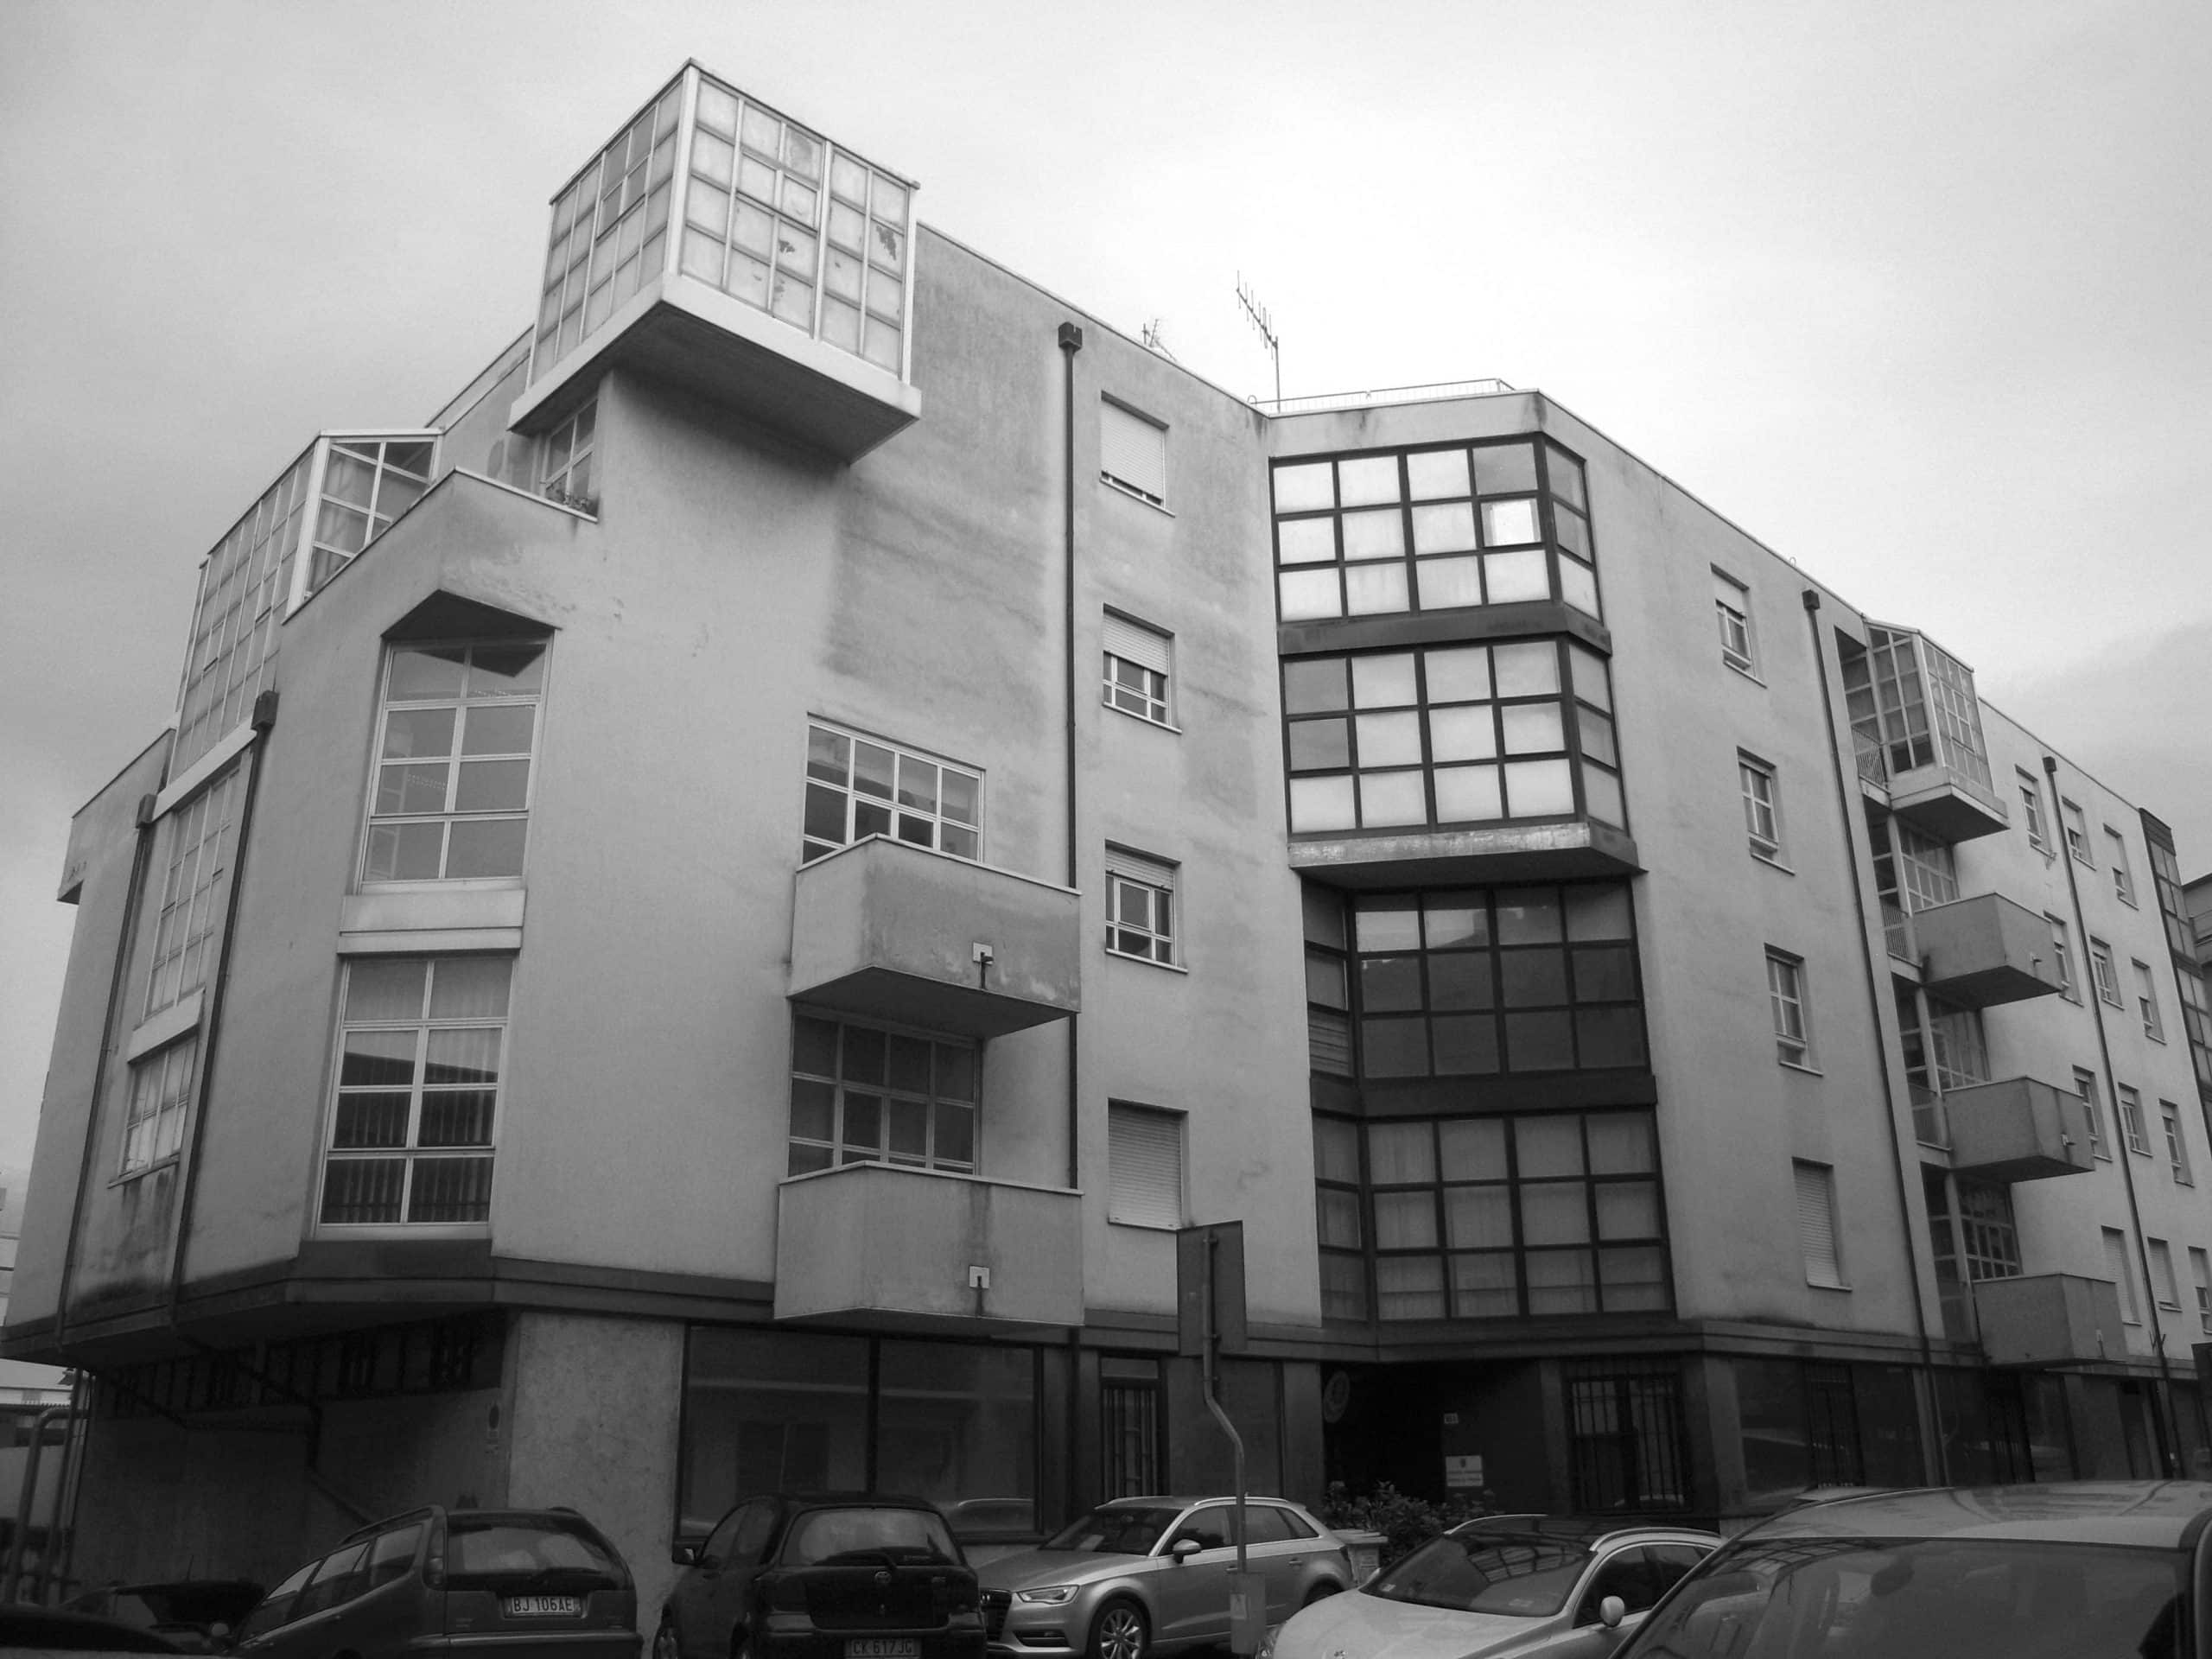 8 - Edificio polifunzionale per la Banca Popolare di Spoleto in viale Trento e Trieste, Spoleto (PG); con A. Zanmatti - Vista esterna